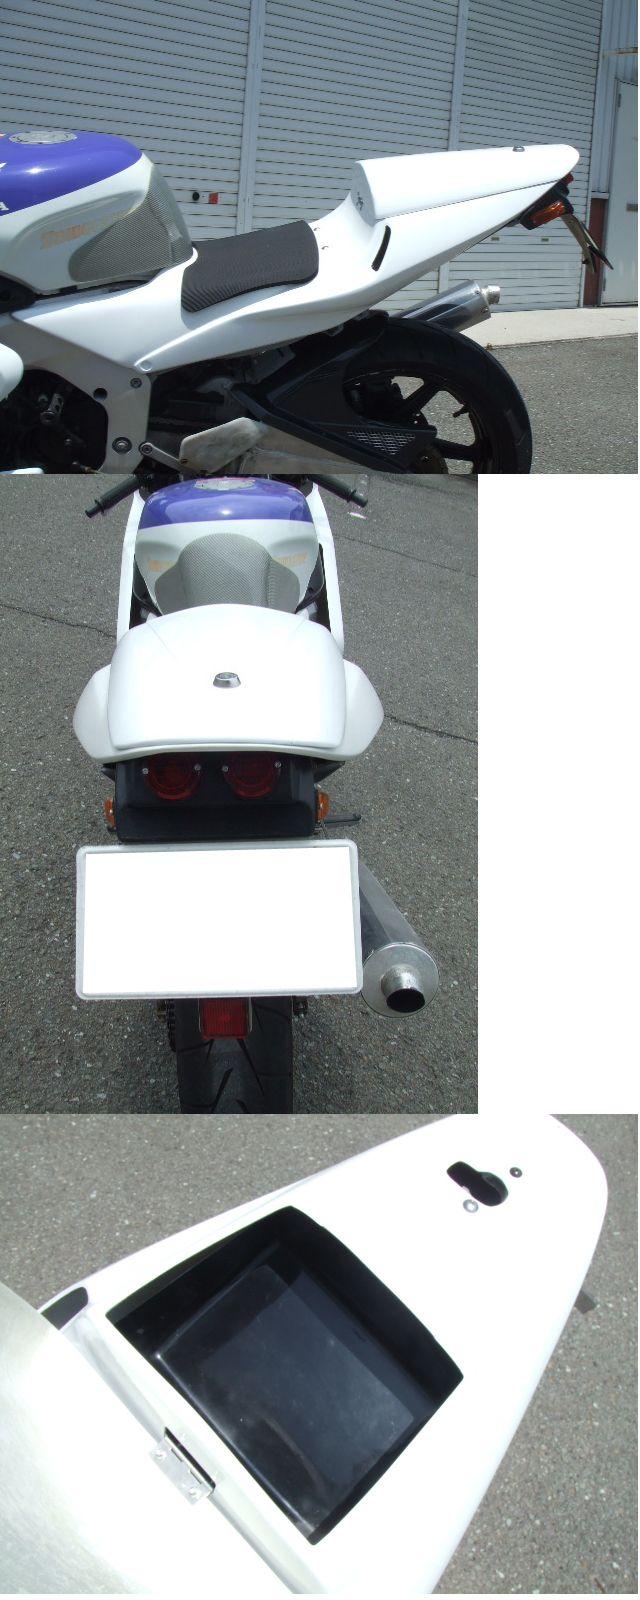 【才谷屋】600RR 復刻版單座整流罩 (Type-2) - 「Webike-摩托百貨」